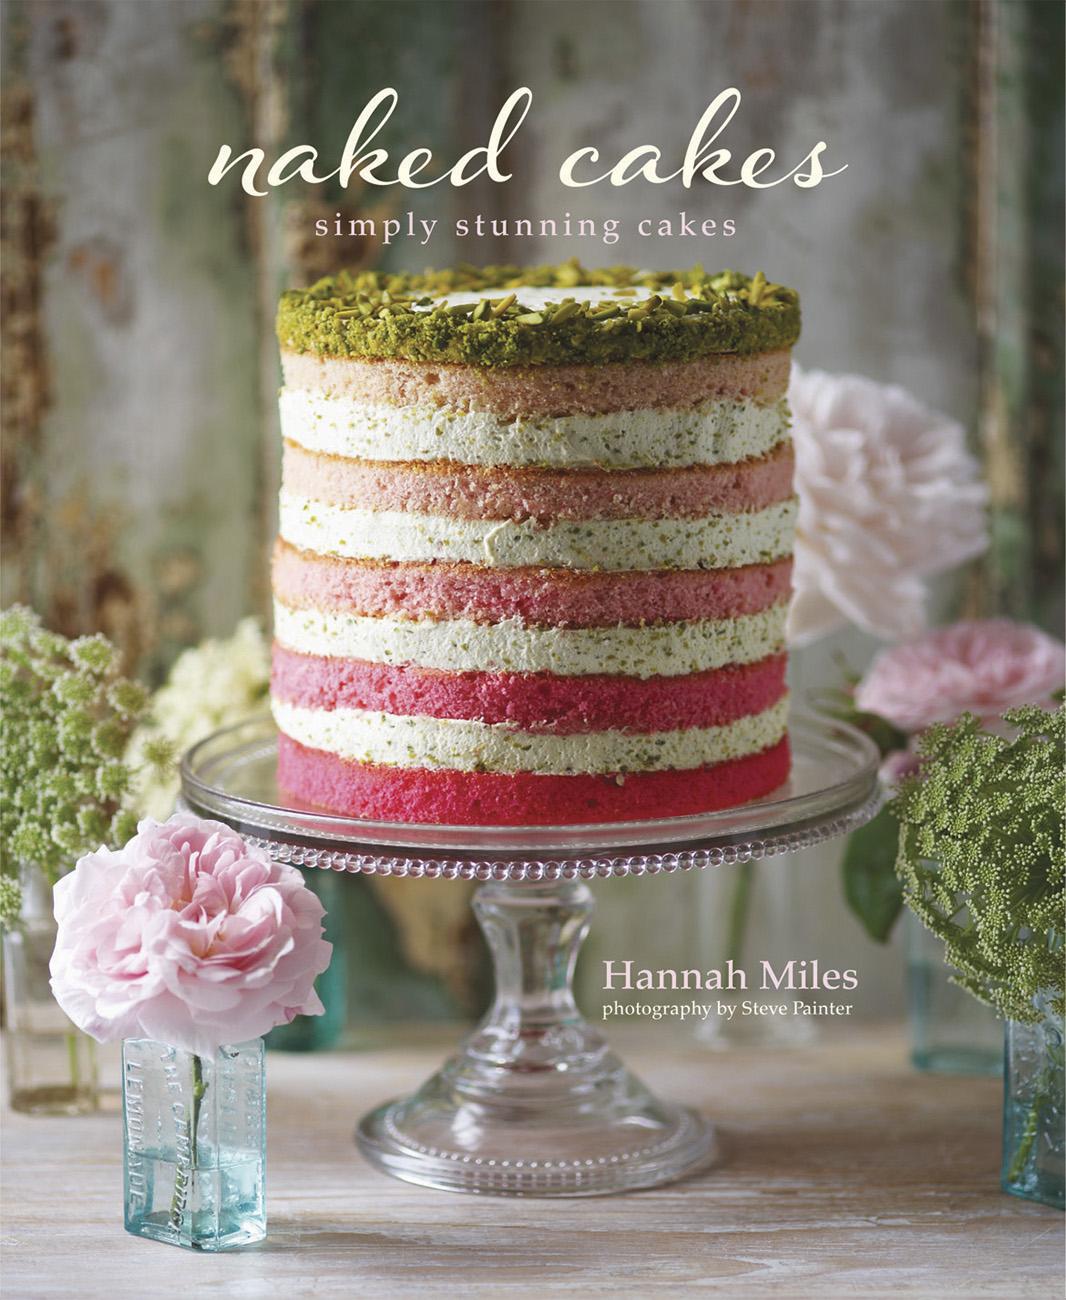 vörös bársony torta, Az esküvői desszertpult királynője – Készítsd el az ikonikus Vörös bársony tortát!